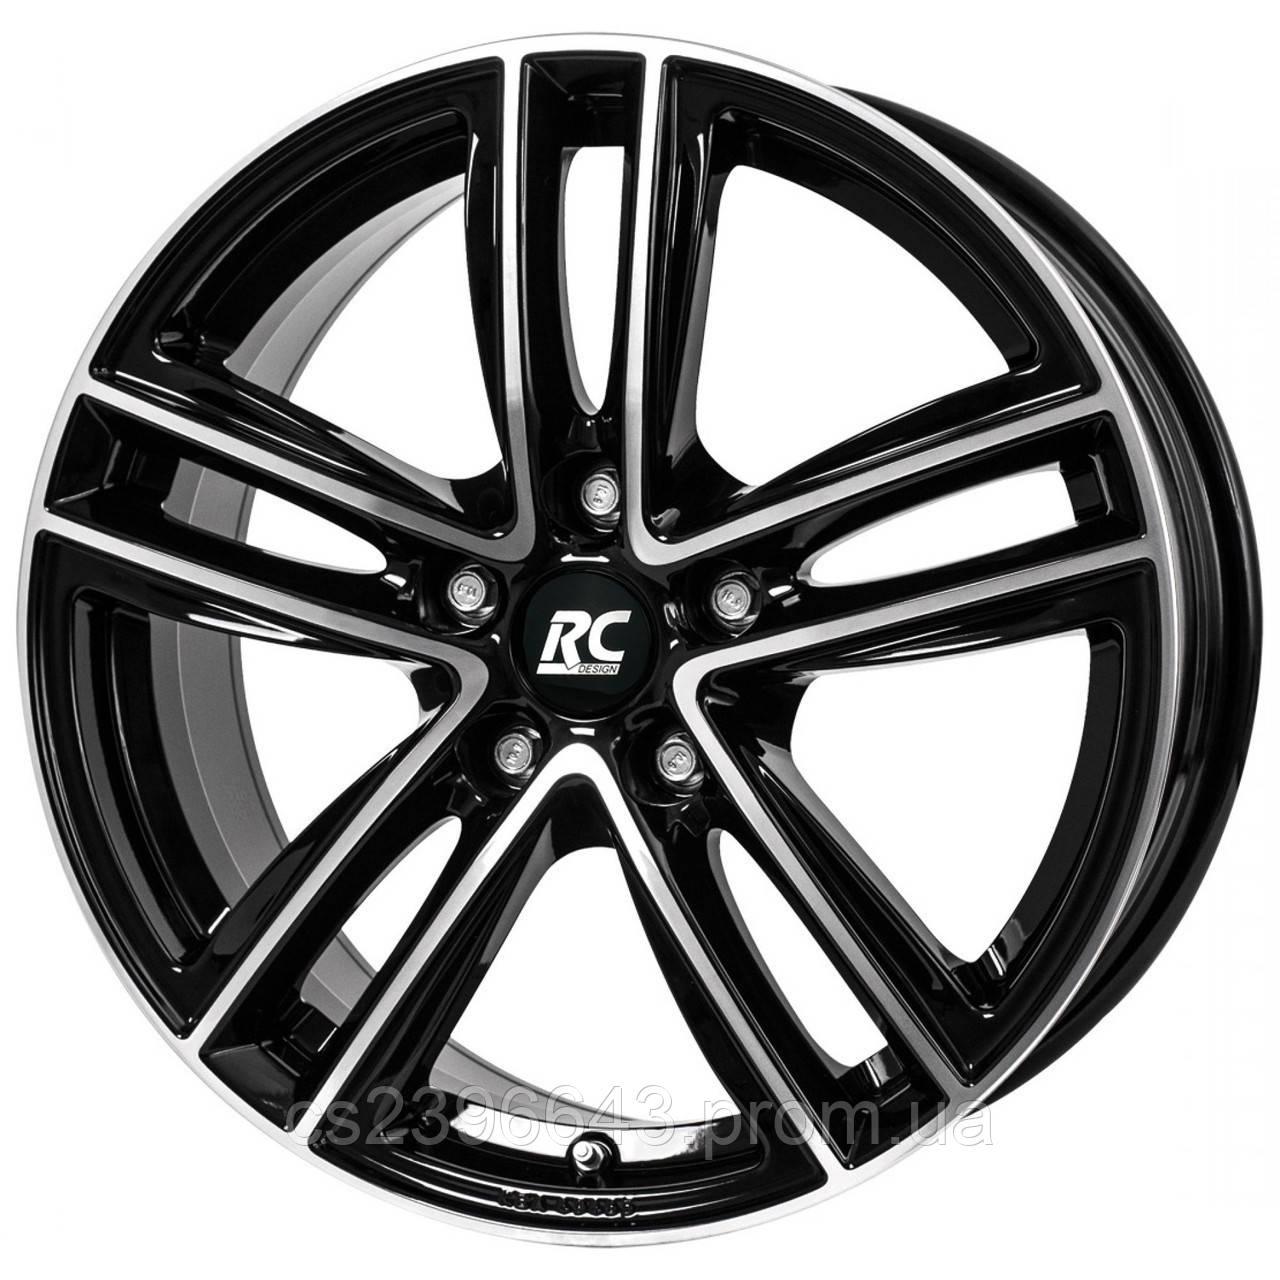 Колесный диск RC Design RC27 18x8 ET41